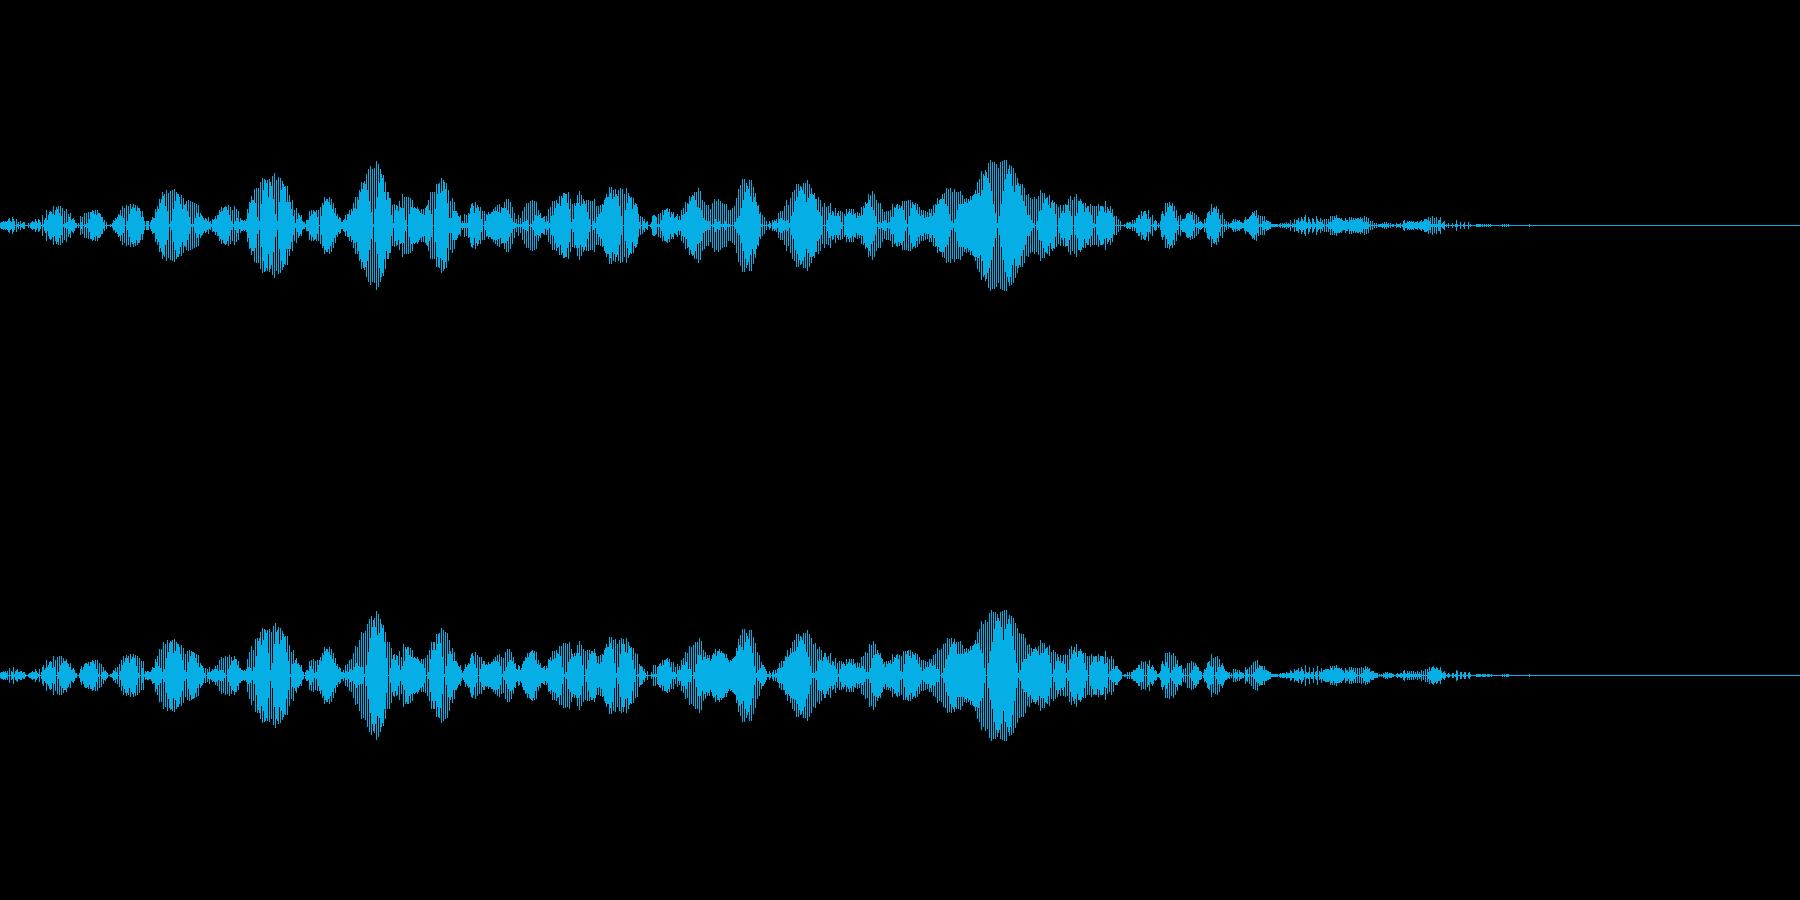 「ぴっ」という鳥の声です。何かをスライ…の再生済みの波形